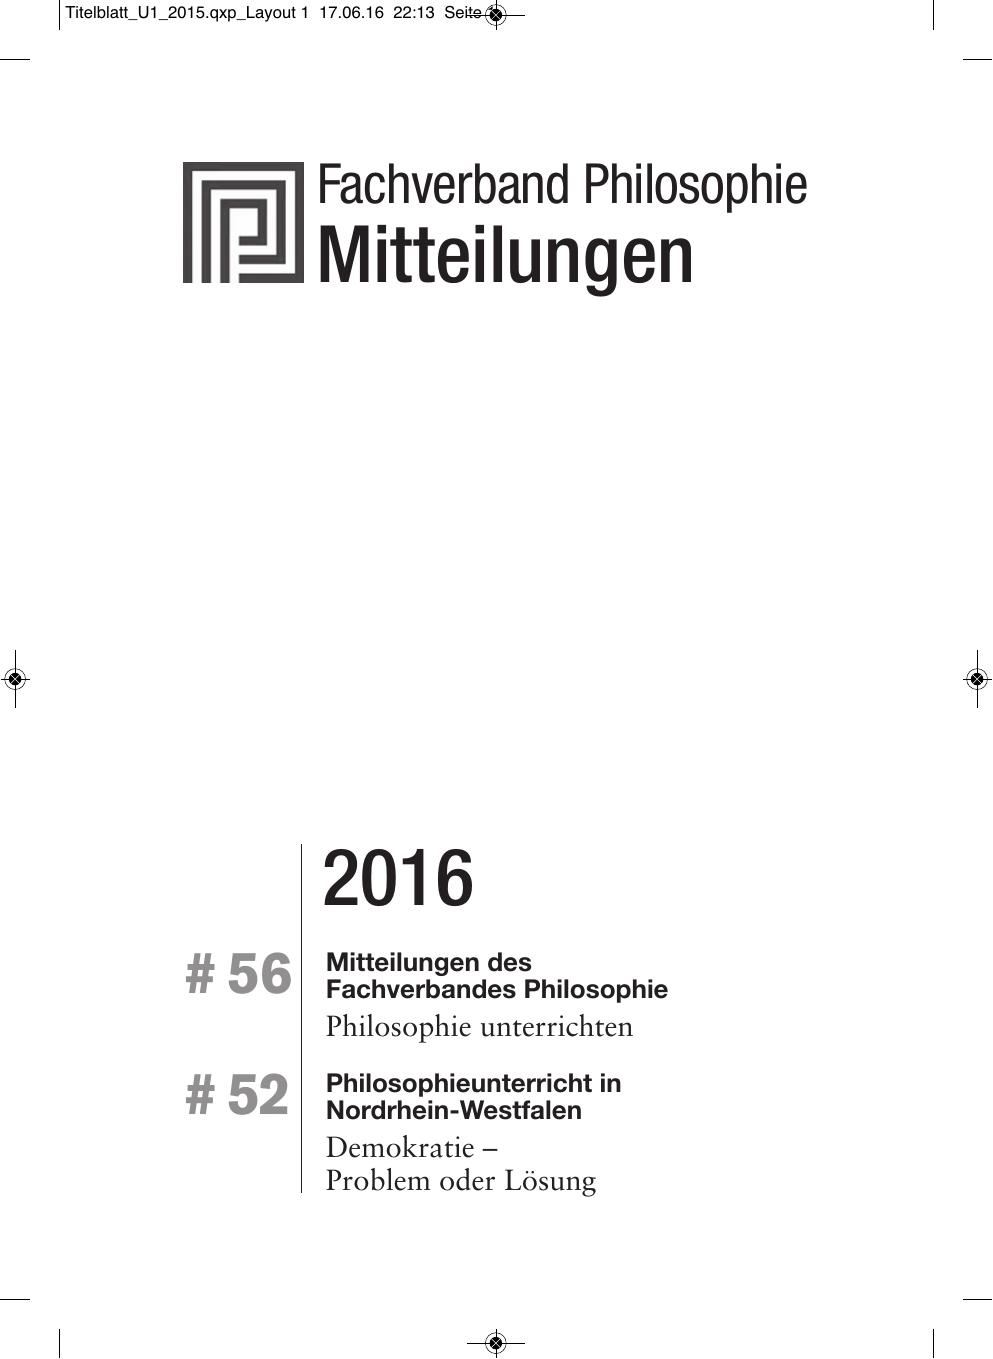 2016 Mitteilungen - Fachverband Philosophie